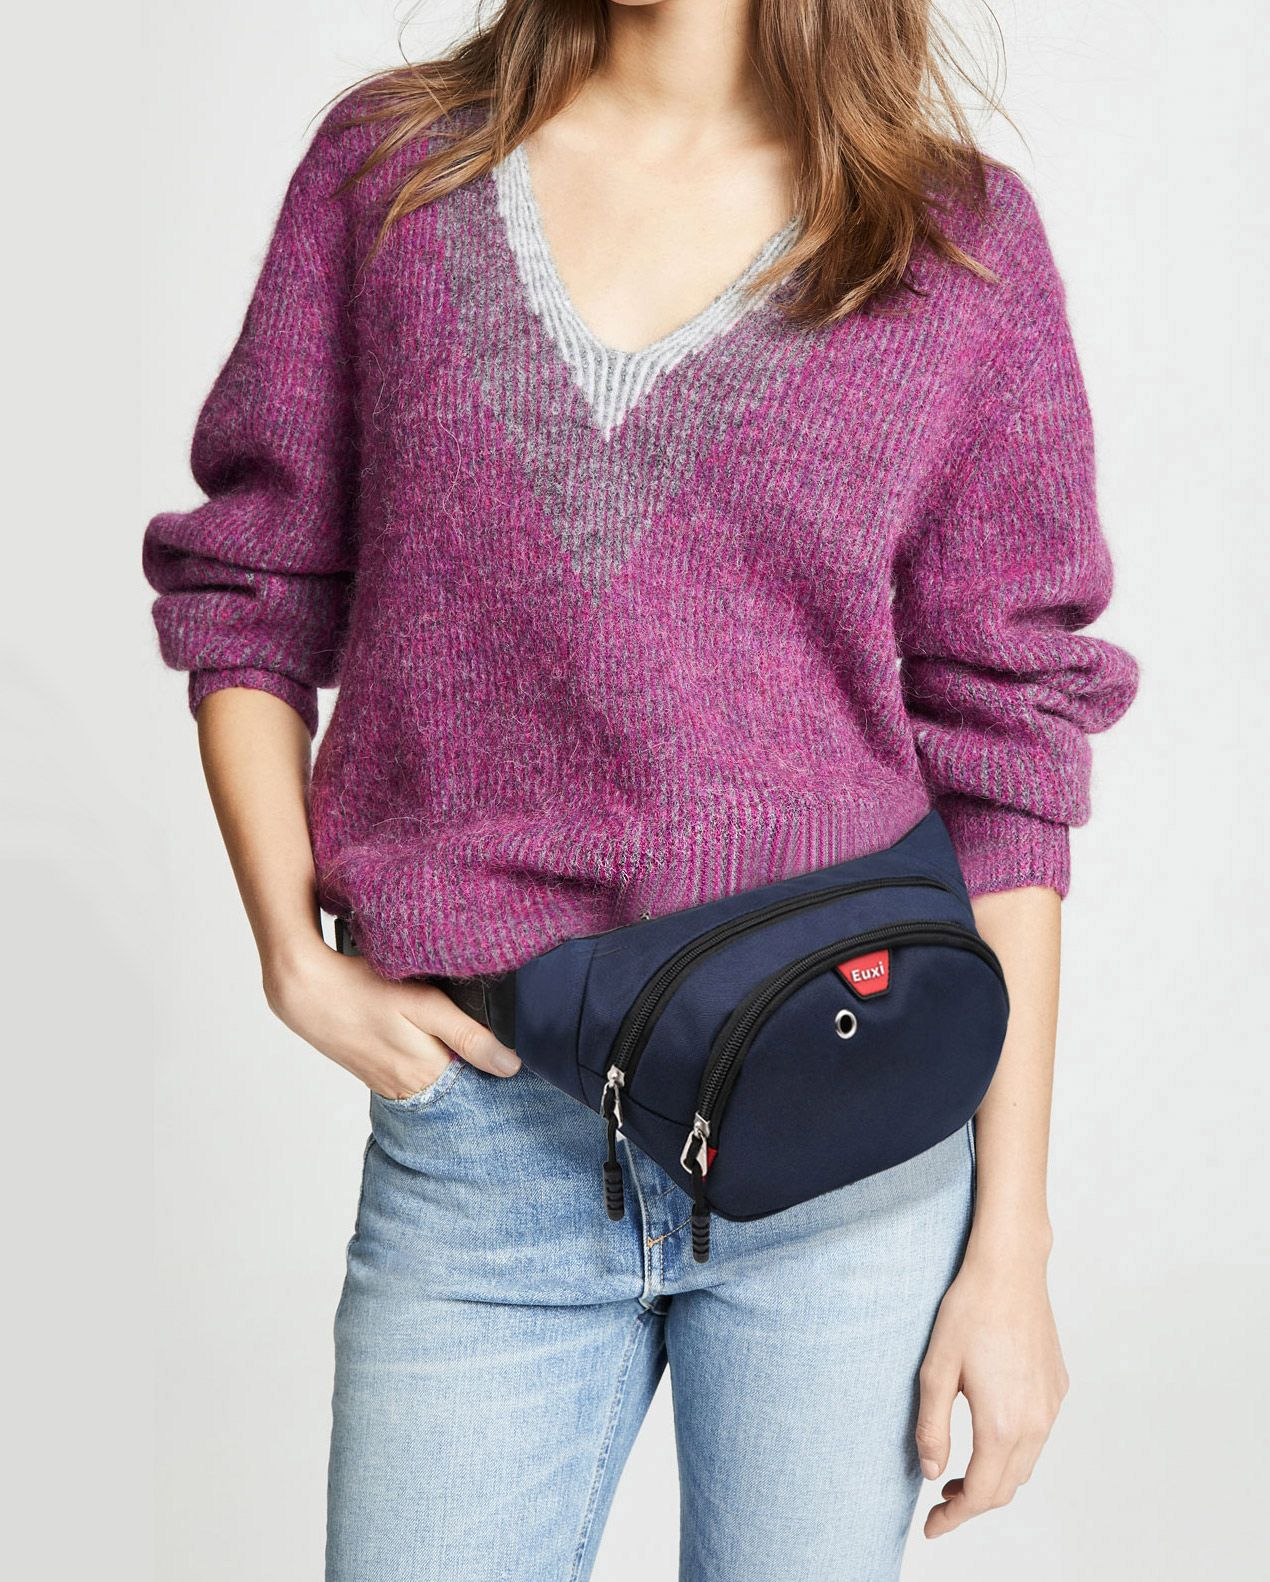 Pin auf KMartins Running Fanny Pack Waist bag pack Bum